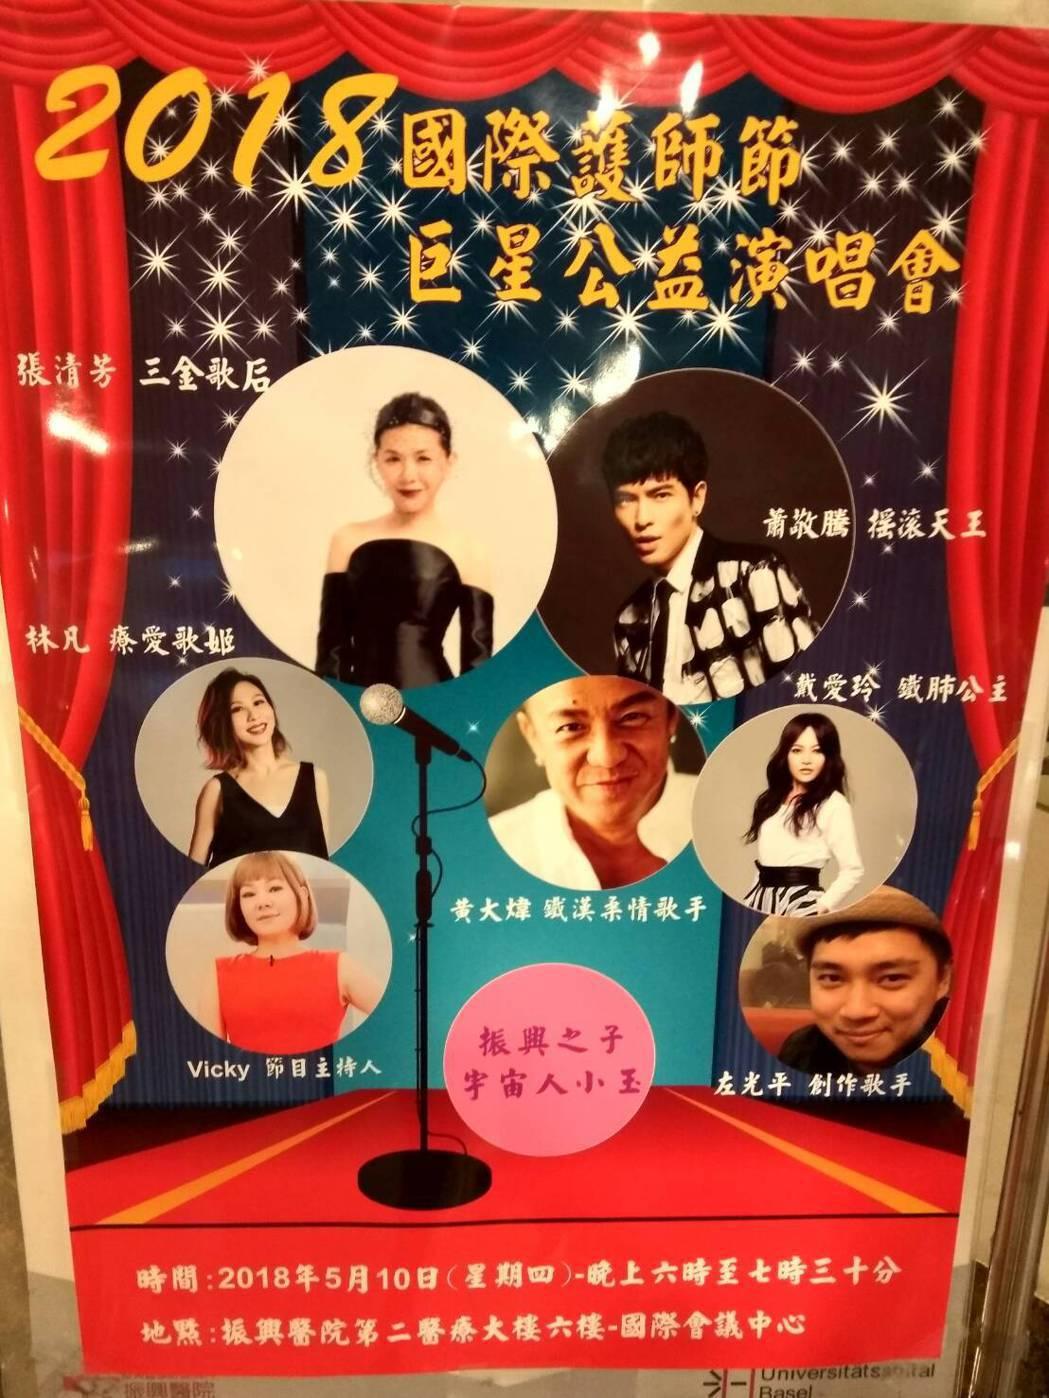 今年的護師節演唱會請到蕭敬騰等大咖歌手。圖/讀者提供